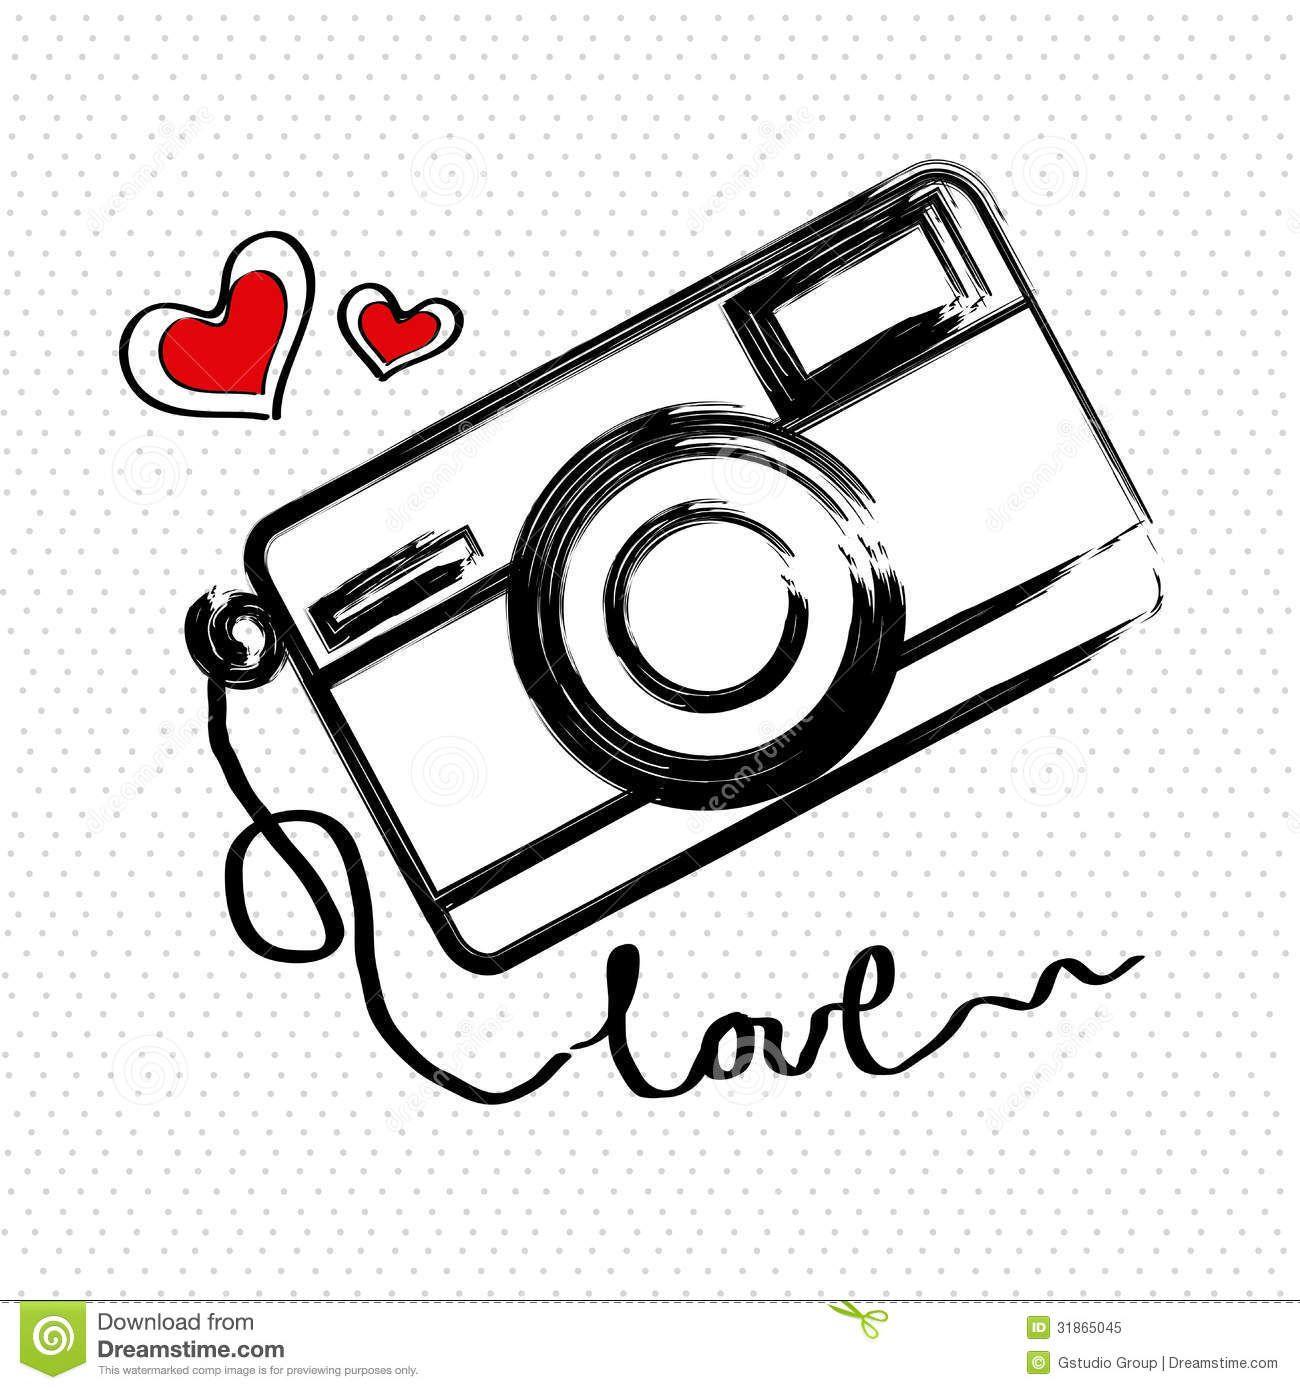 Fabuloso desenho de camera fotografica vetor - Pesquisa Google | Desenhos  UY93